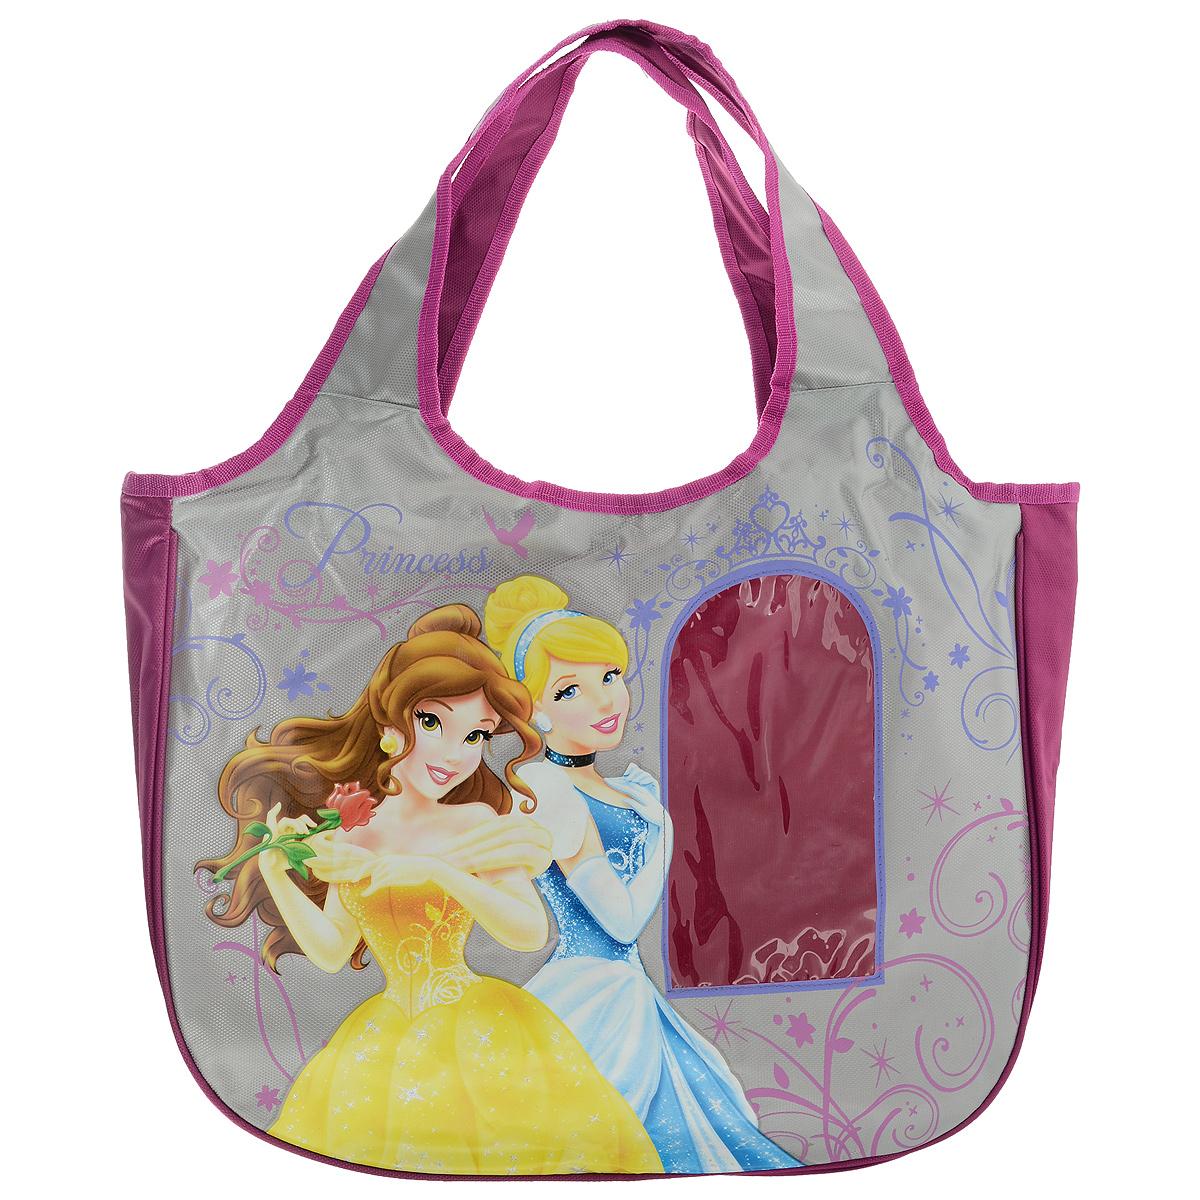 Сумка детская Disney Princess, цвет: розовый, серый. PRAS-UT-1445PRAS-UT-1445Сумка детская Disney Princess, выполненная из плотного, водоотталкивающего полиэстера, оформлена изображением прекрасных принцесс. Сумочка имеет одно большое вместительное отделение, закрывающееся на застежку-молнию, куда можно положить все необходимые принадлежности и аксессуары. На лицевой стороне сумки имеется небольшая прозрачная вставка в виде окна. Внутри отделения расположен карман-кошелек на молнии. Сумочка оснащена двумя ручками для переноски, которые выполнены цельными с основой. Сумка Disney Princess - идеальный вариант аксессуара на время прогулки или путешествия.